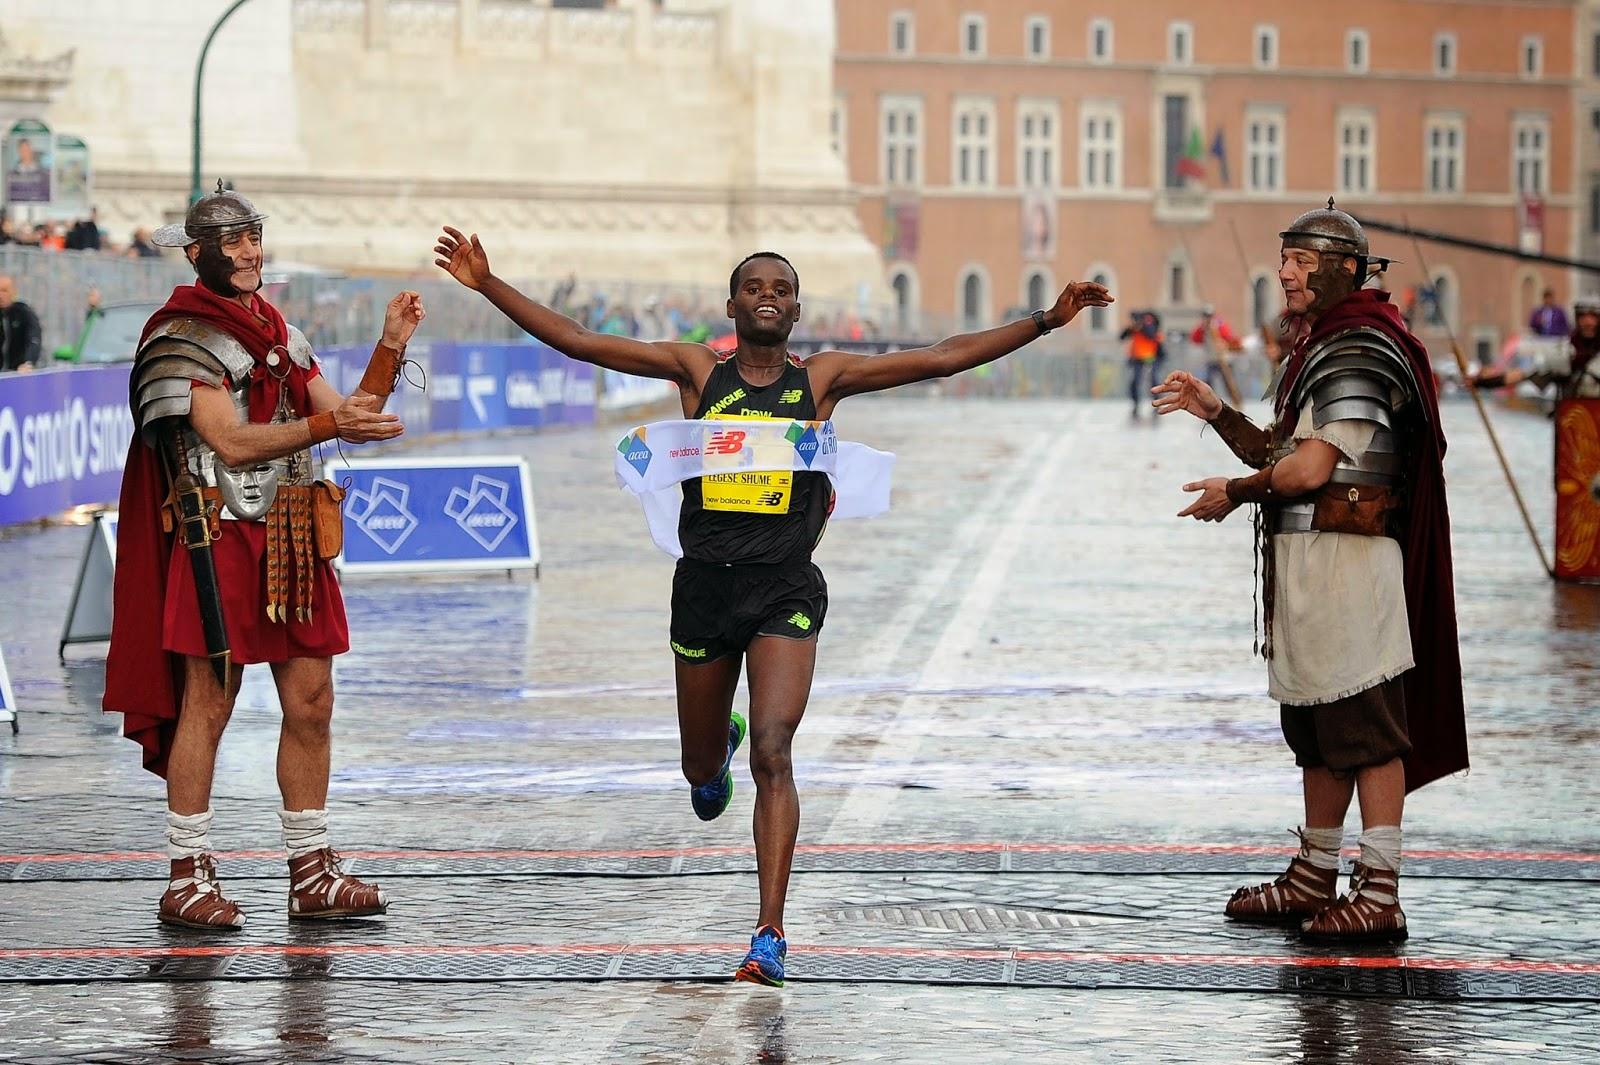 ATLETICA Doppietta etiope alla 20ª Maratona di Roma